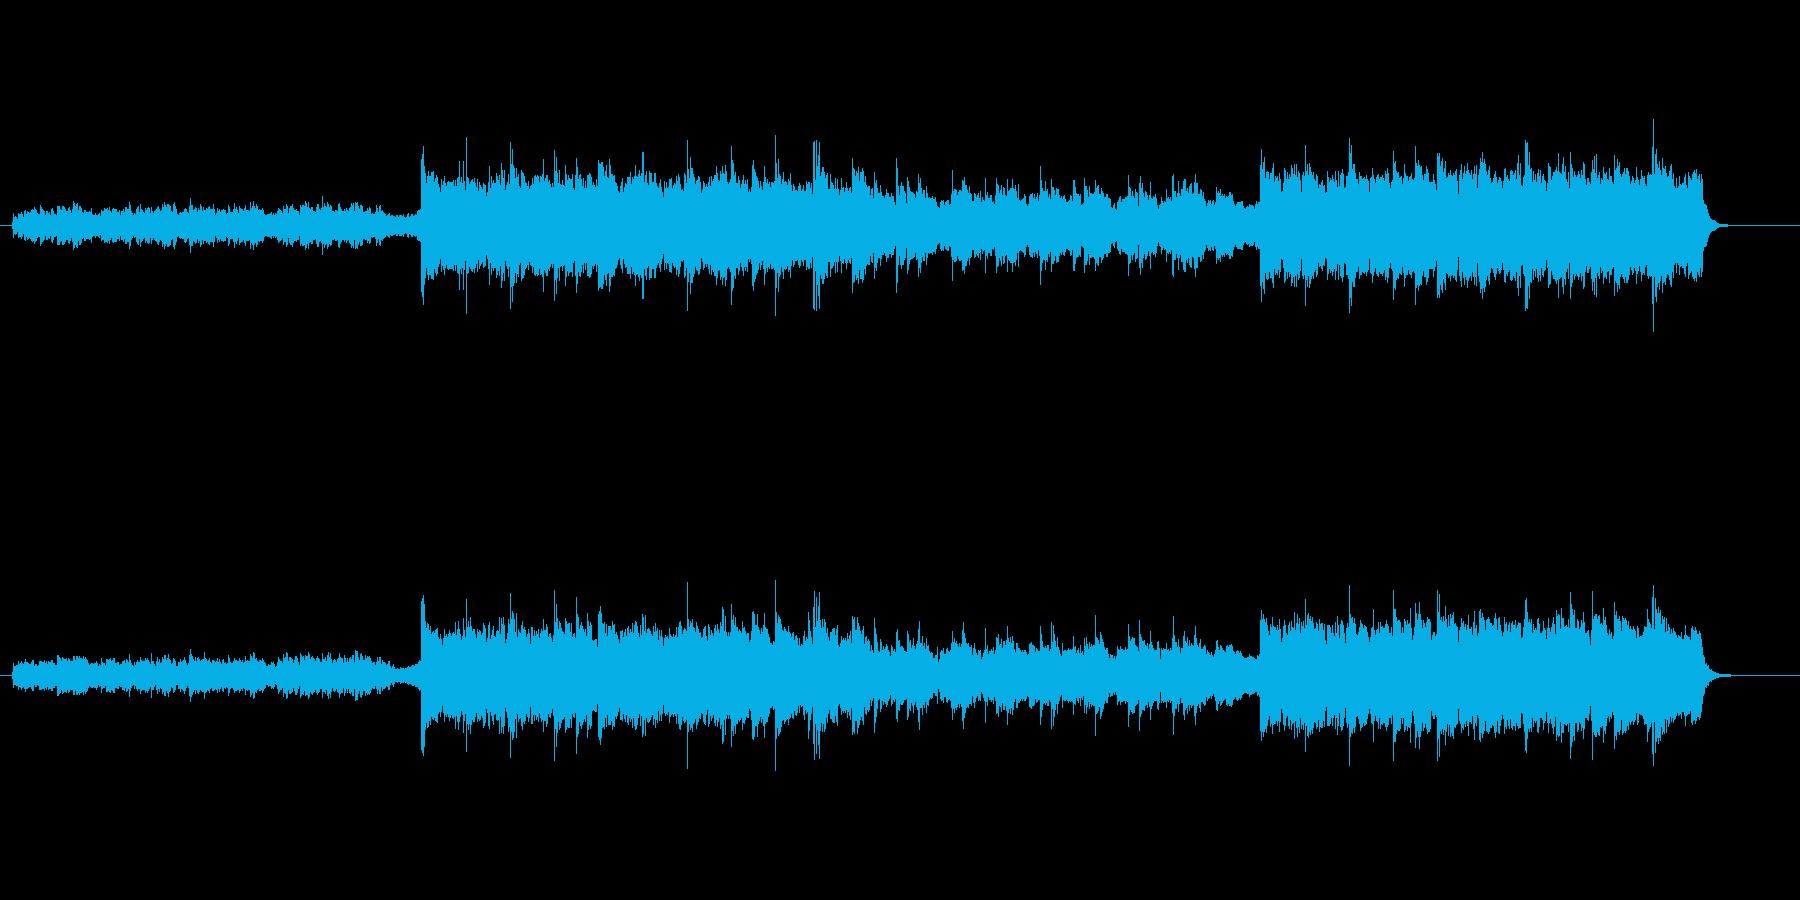 ダイナミックに盛り上がるバラードの再生済みの波形